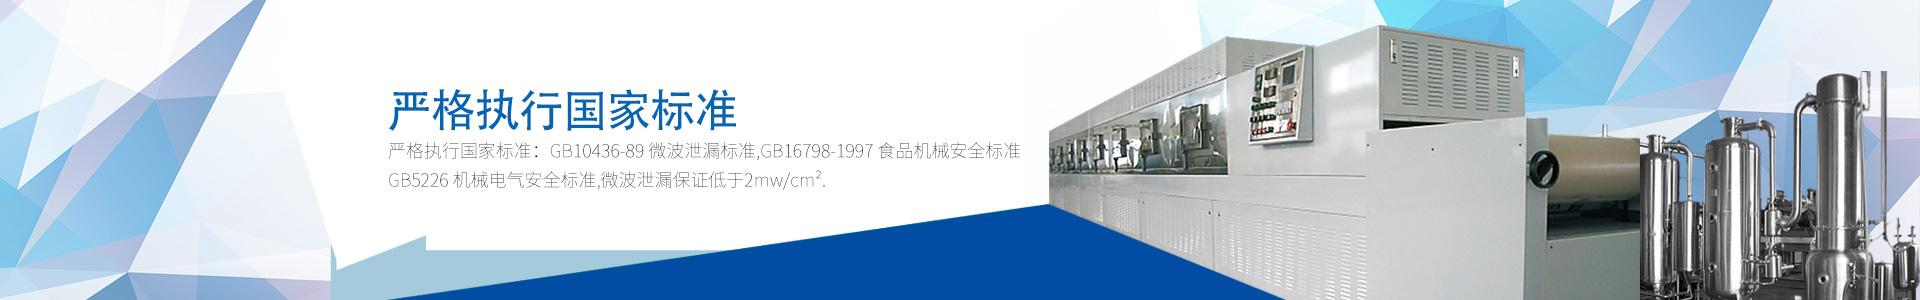 微波设备行业国际标准践行者-上海博奥